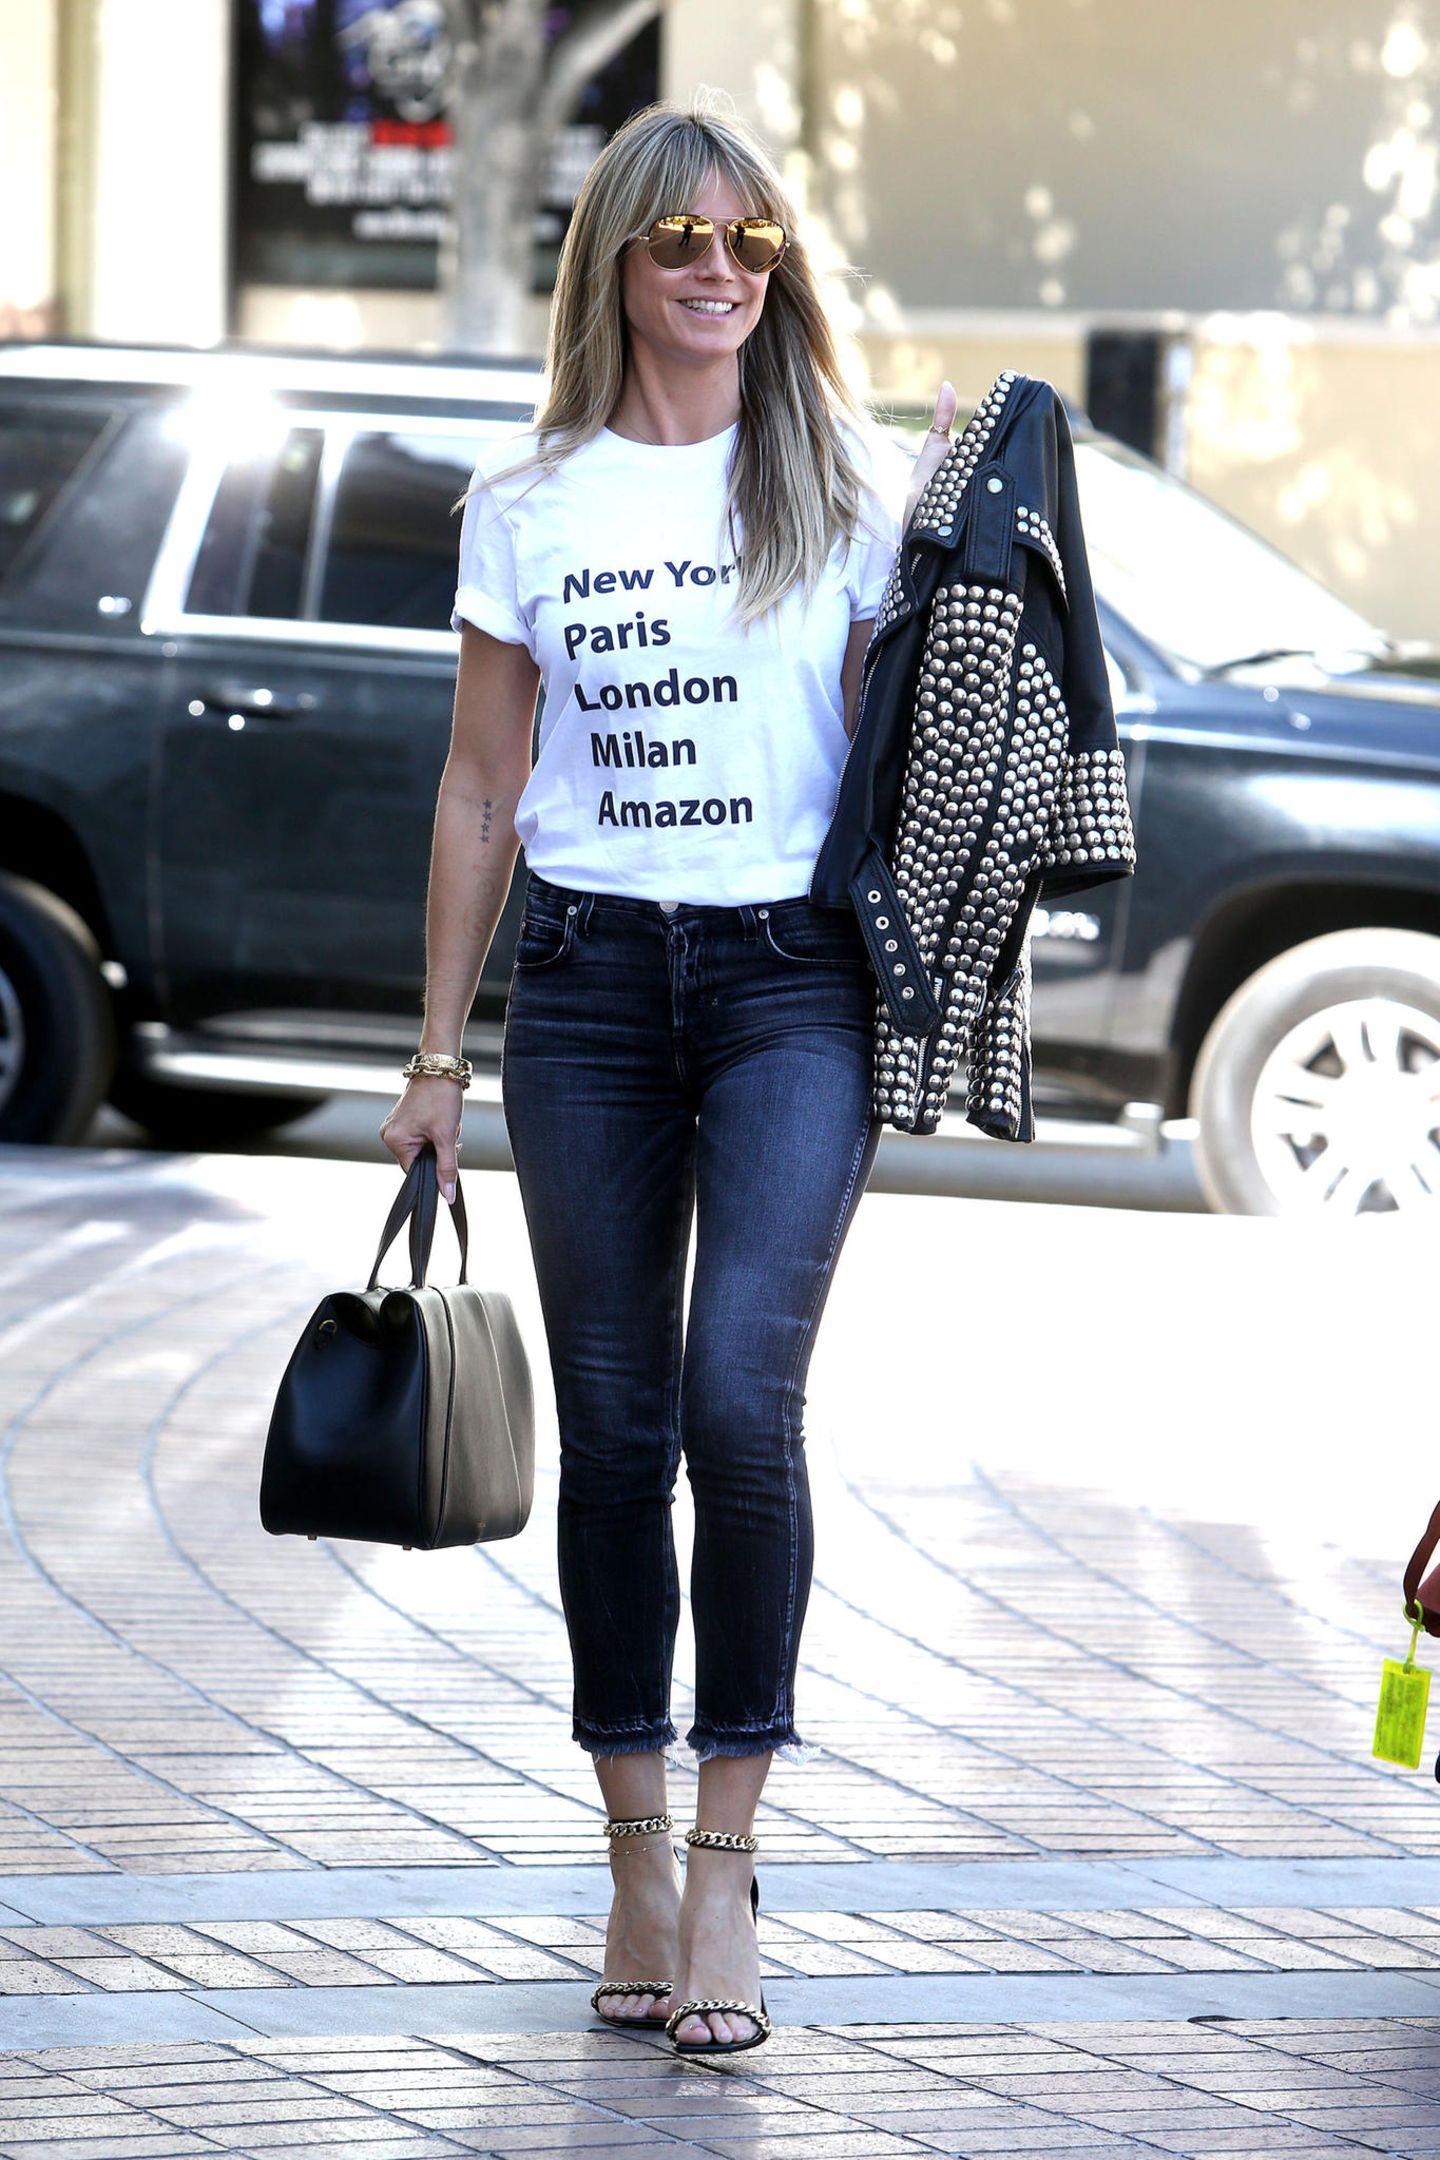 Heidi Klums Biker-Look ist gar nicht derb, sondern supersexy! Womit manin der rustikalen Biker-Welt womöglich anecken würde, ist in der schillernden Welt von Los Angeles völlig in Ordnung. Zueiner blauen Skinny-Jeans trägt sie ein mit schwarzen Lettern bedrucktes weißes T-Shirt – der Hingucker ist jedoch ihre lederne und mit Nieten bestückte Bikerjacke, die das Model lässig über linke Schulter wirft. Und noch etwas sorgt für diesenWow-Auftritt ...